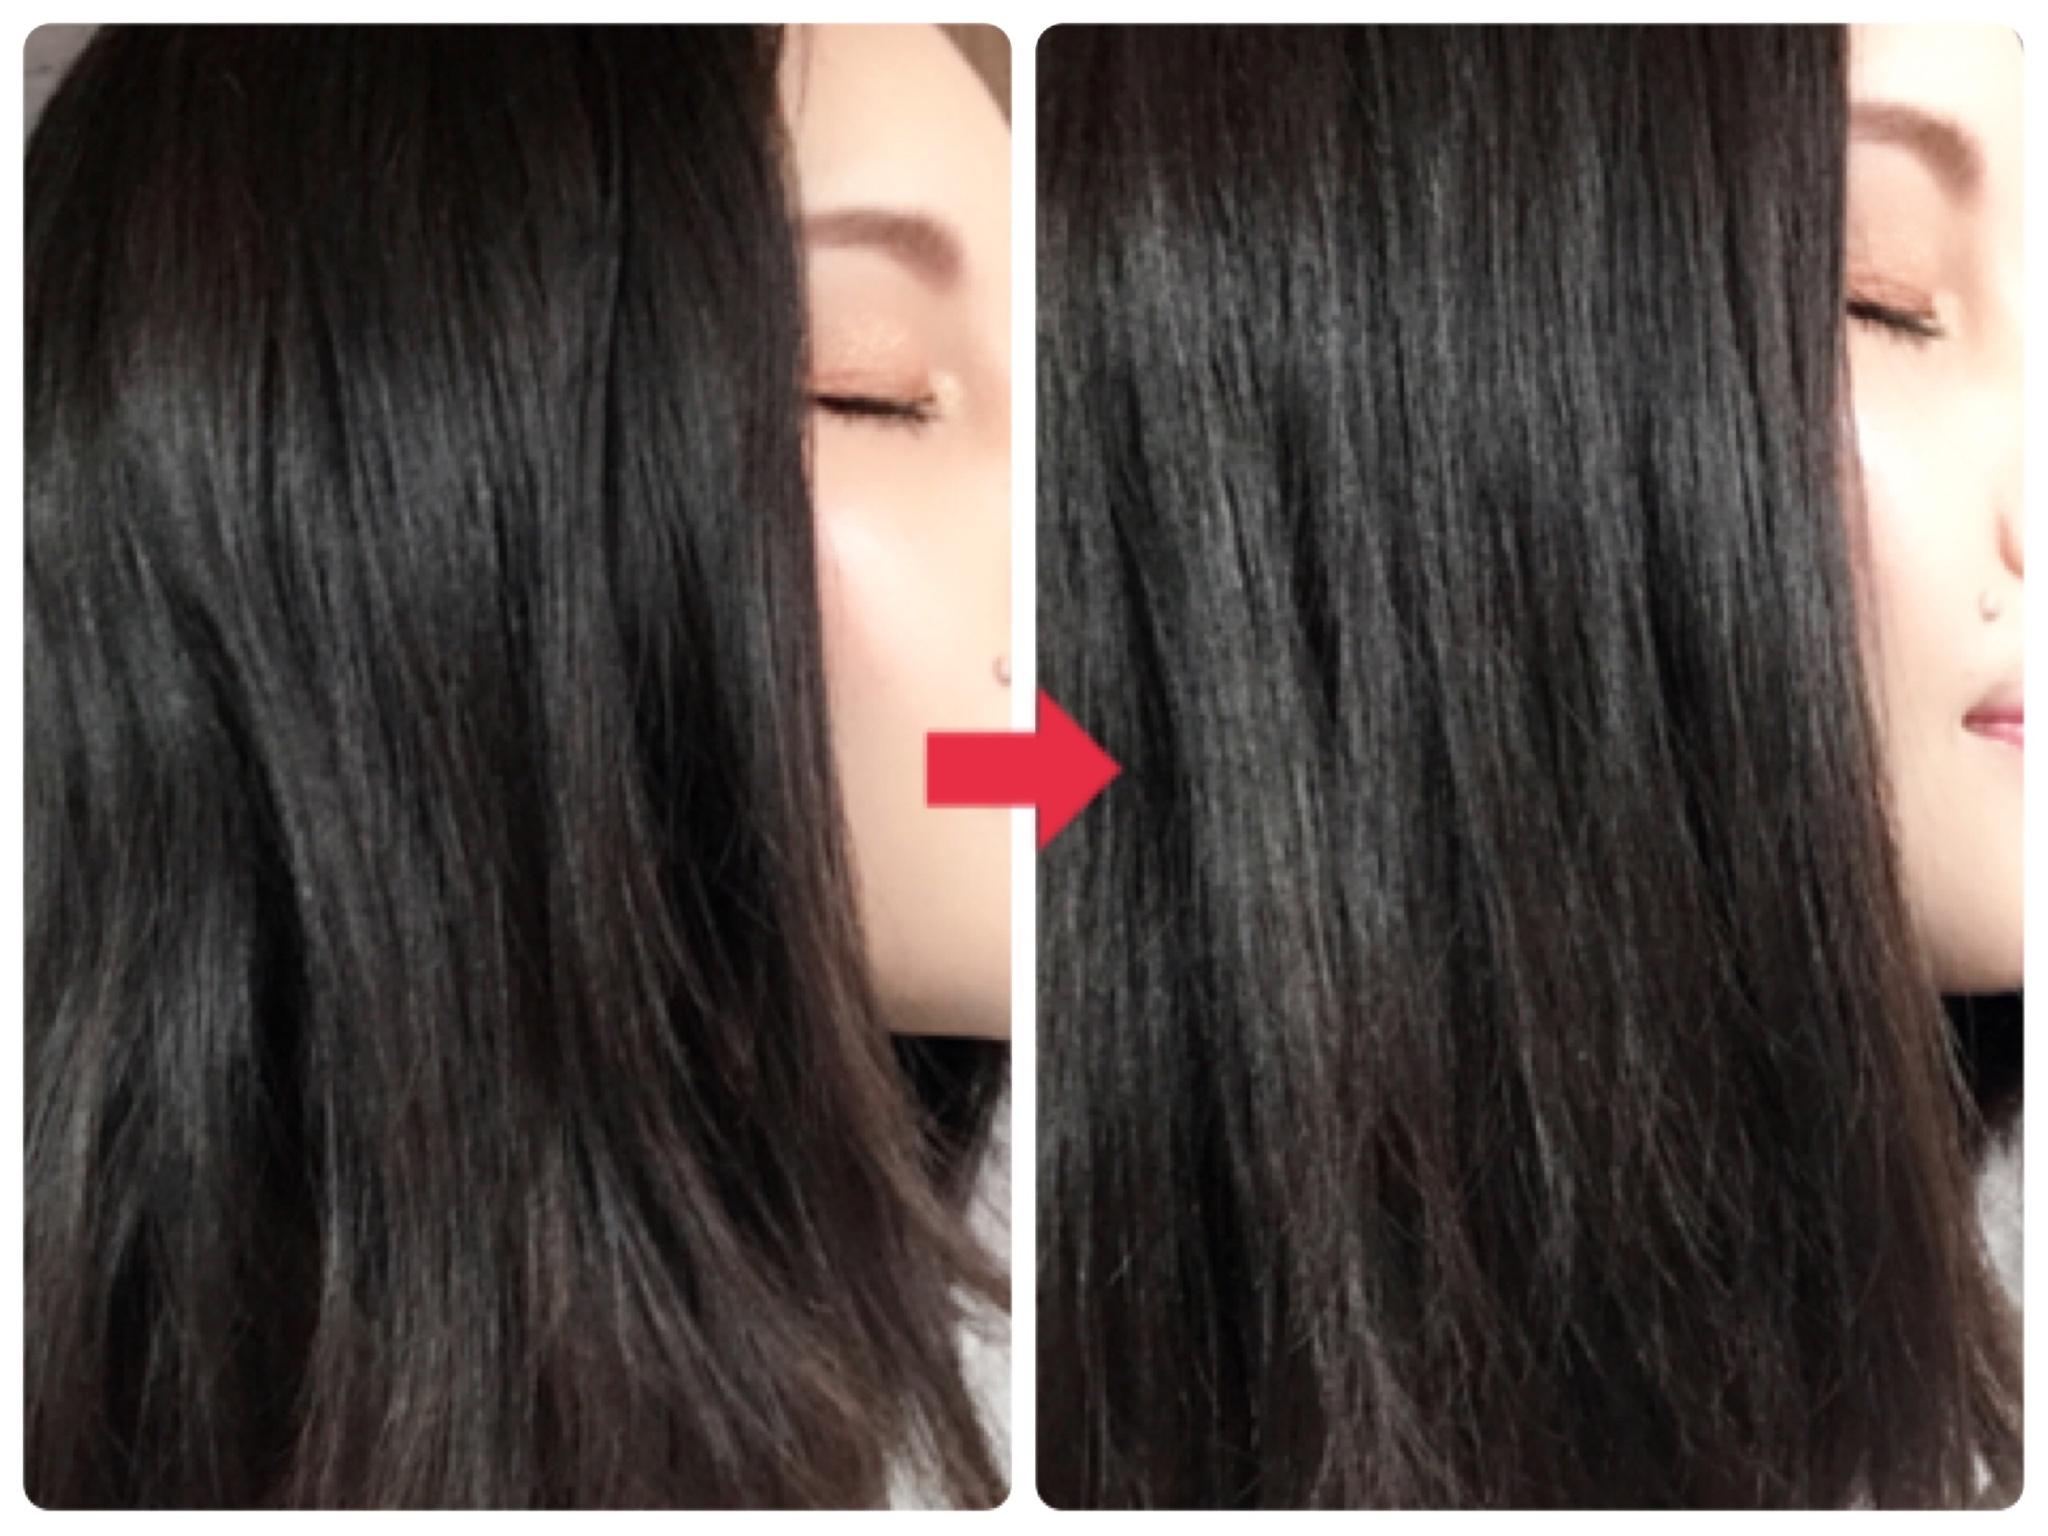 縮 毛 プロカリテ 髪の広がる梅雨前に..自分で縮毛矯正してみた結果・・|pictoria|note